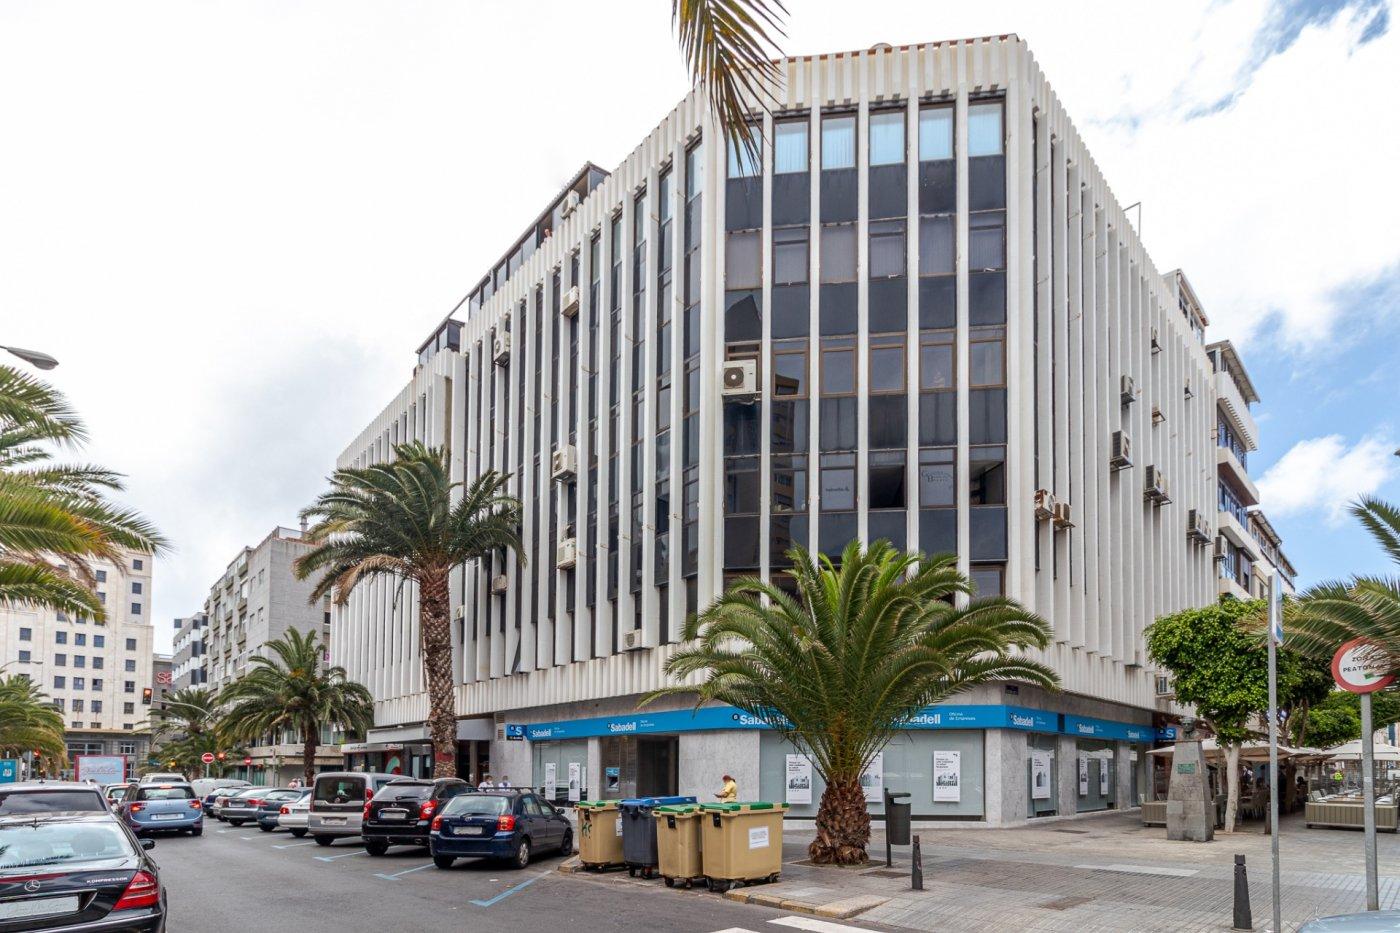 oficina en las-palmas-de-gran-canaria · santa-catalina 289000€